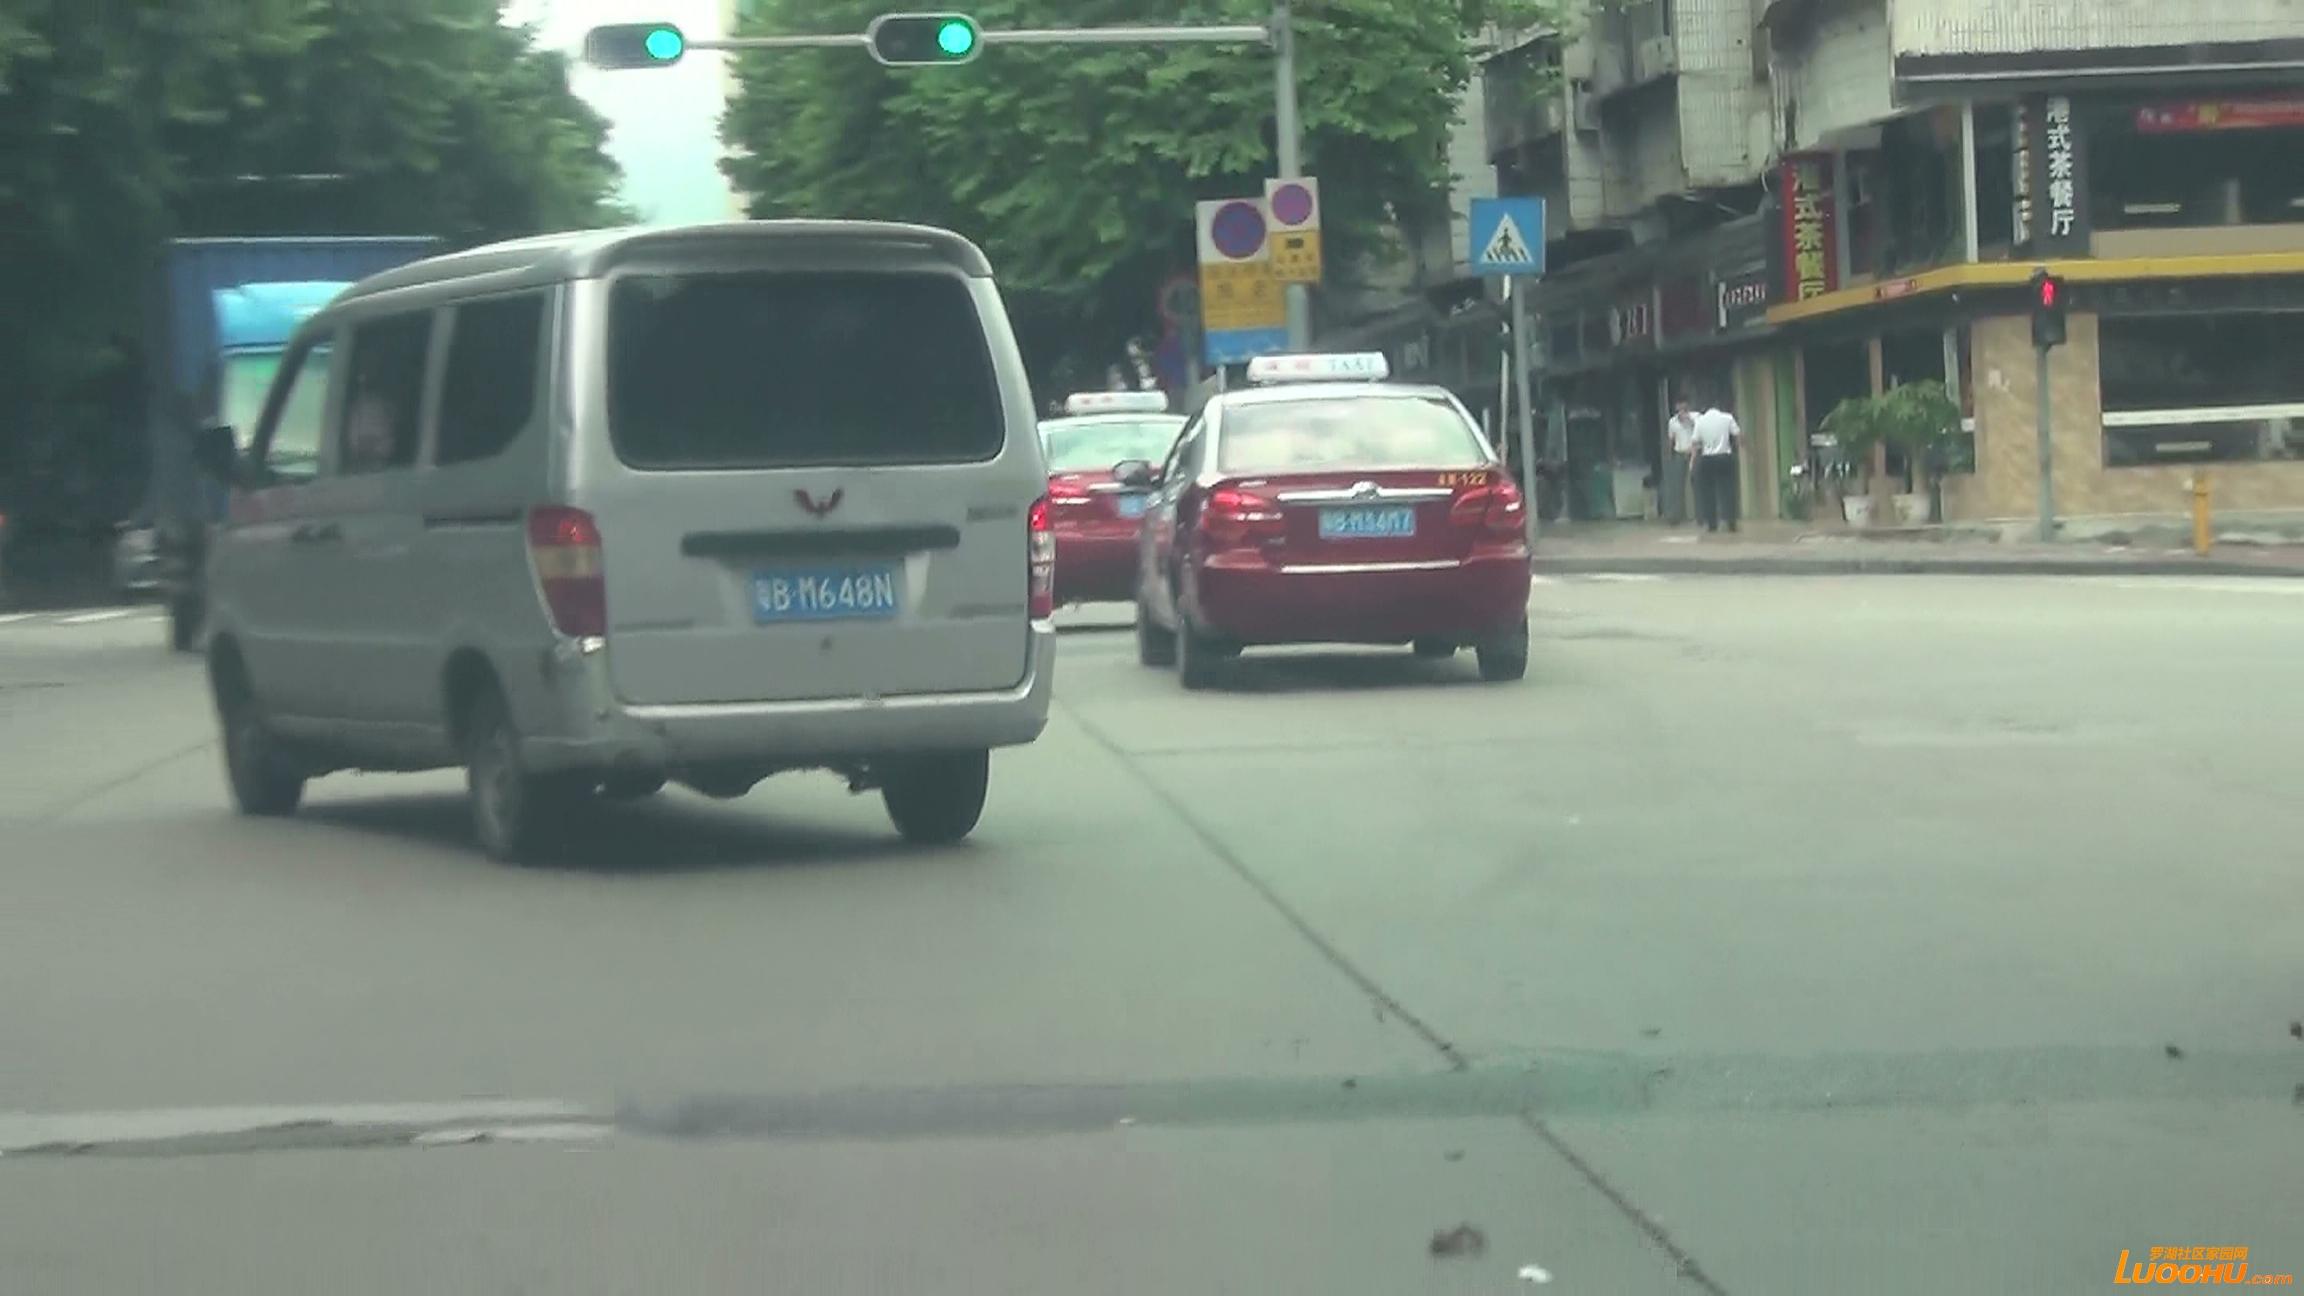 太白路西往东粤BM648N 进入右转车道后左转弯 (4).jpg